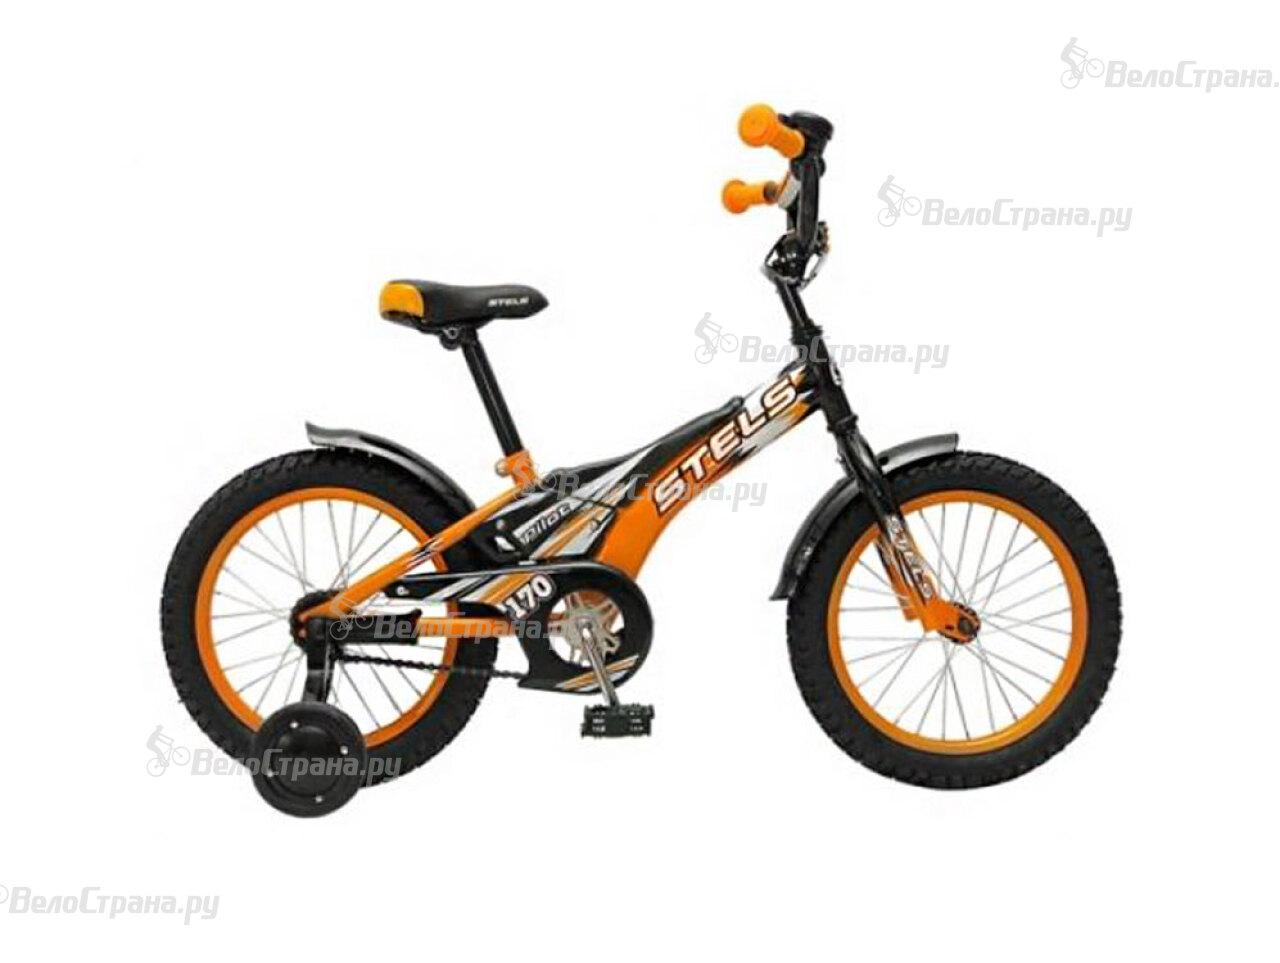 Велосипед Stels Pilot 170 18 (2013) велосипед stels pilot 410 2015